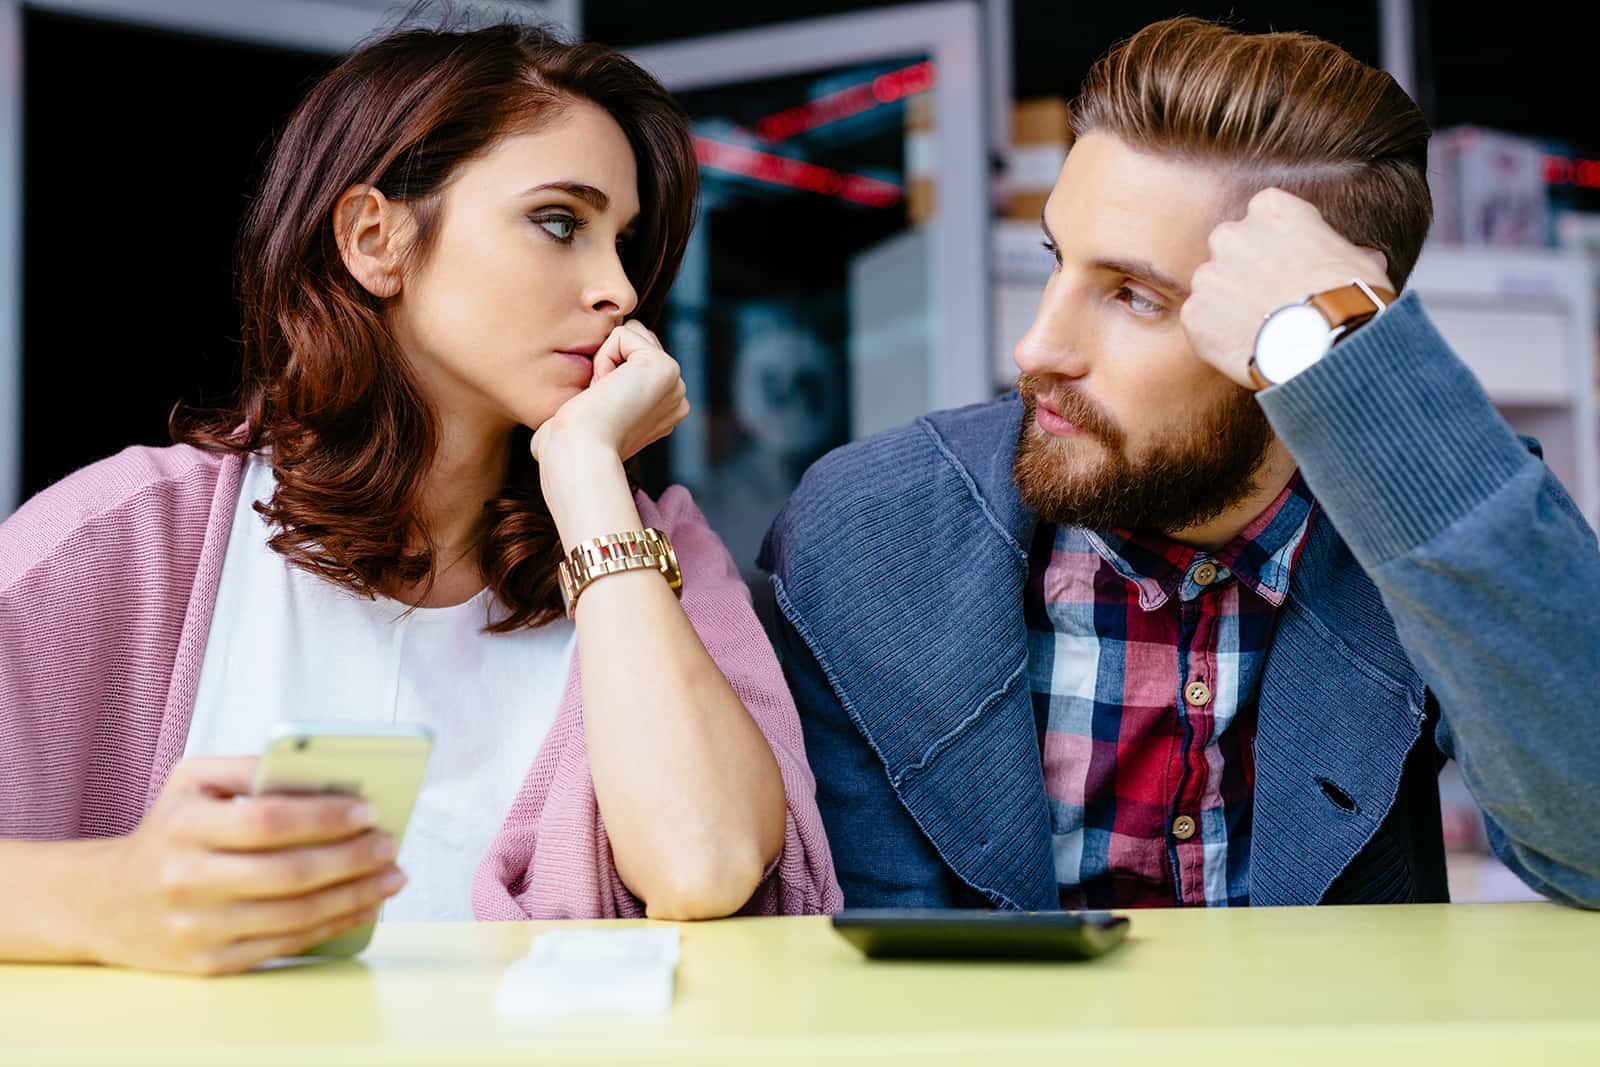 besorgte Frau, die mit ihrem Mann spricht und um Hilfe bittet